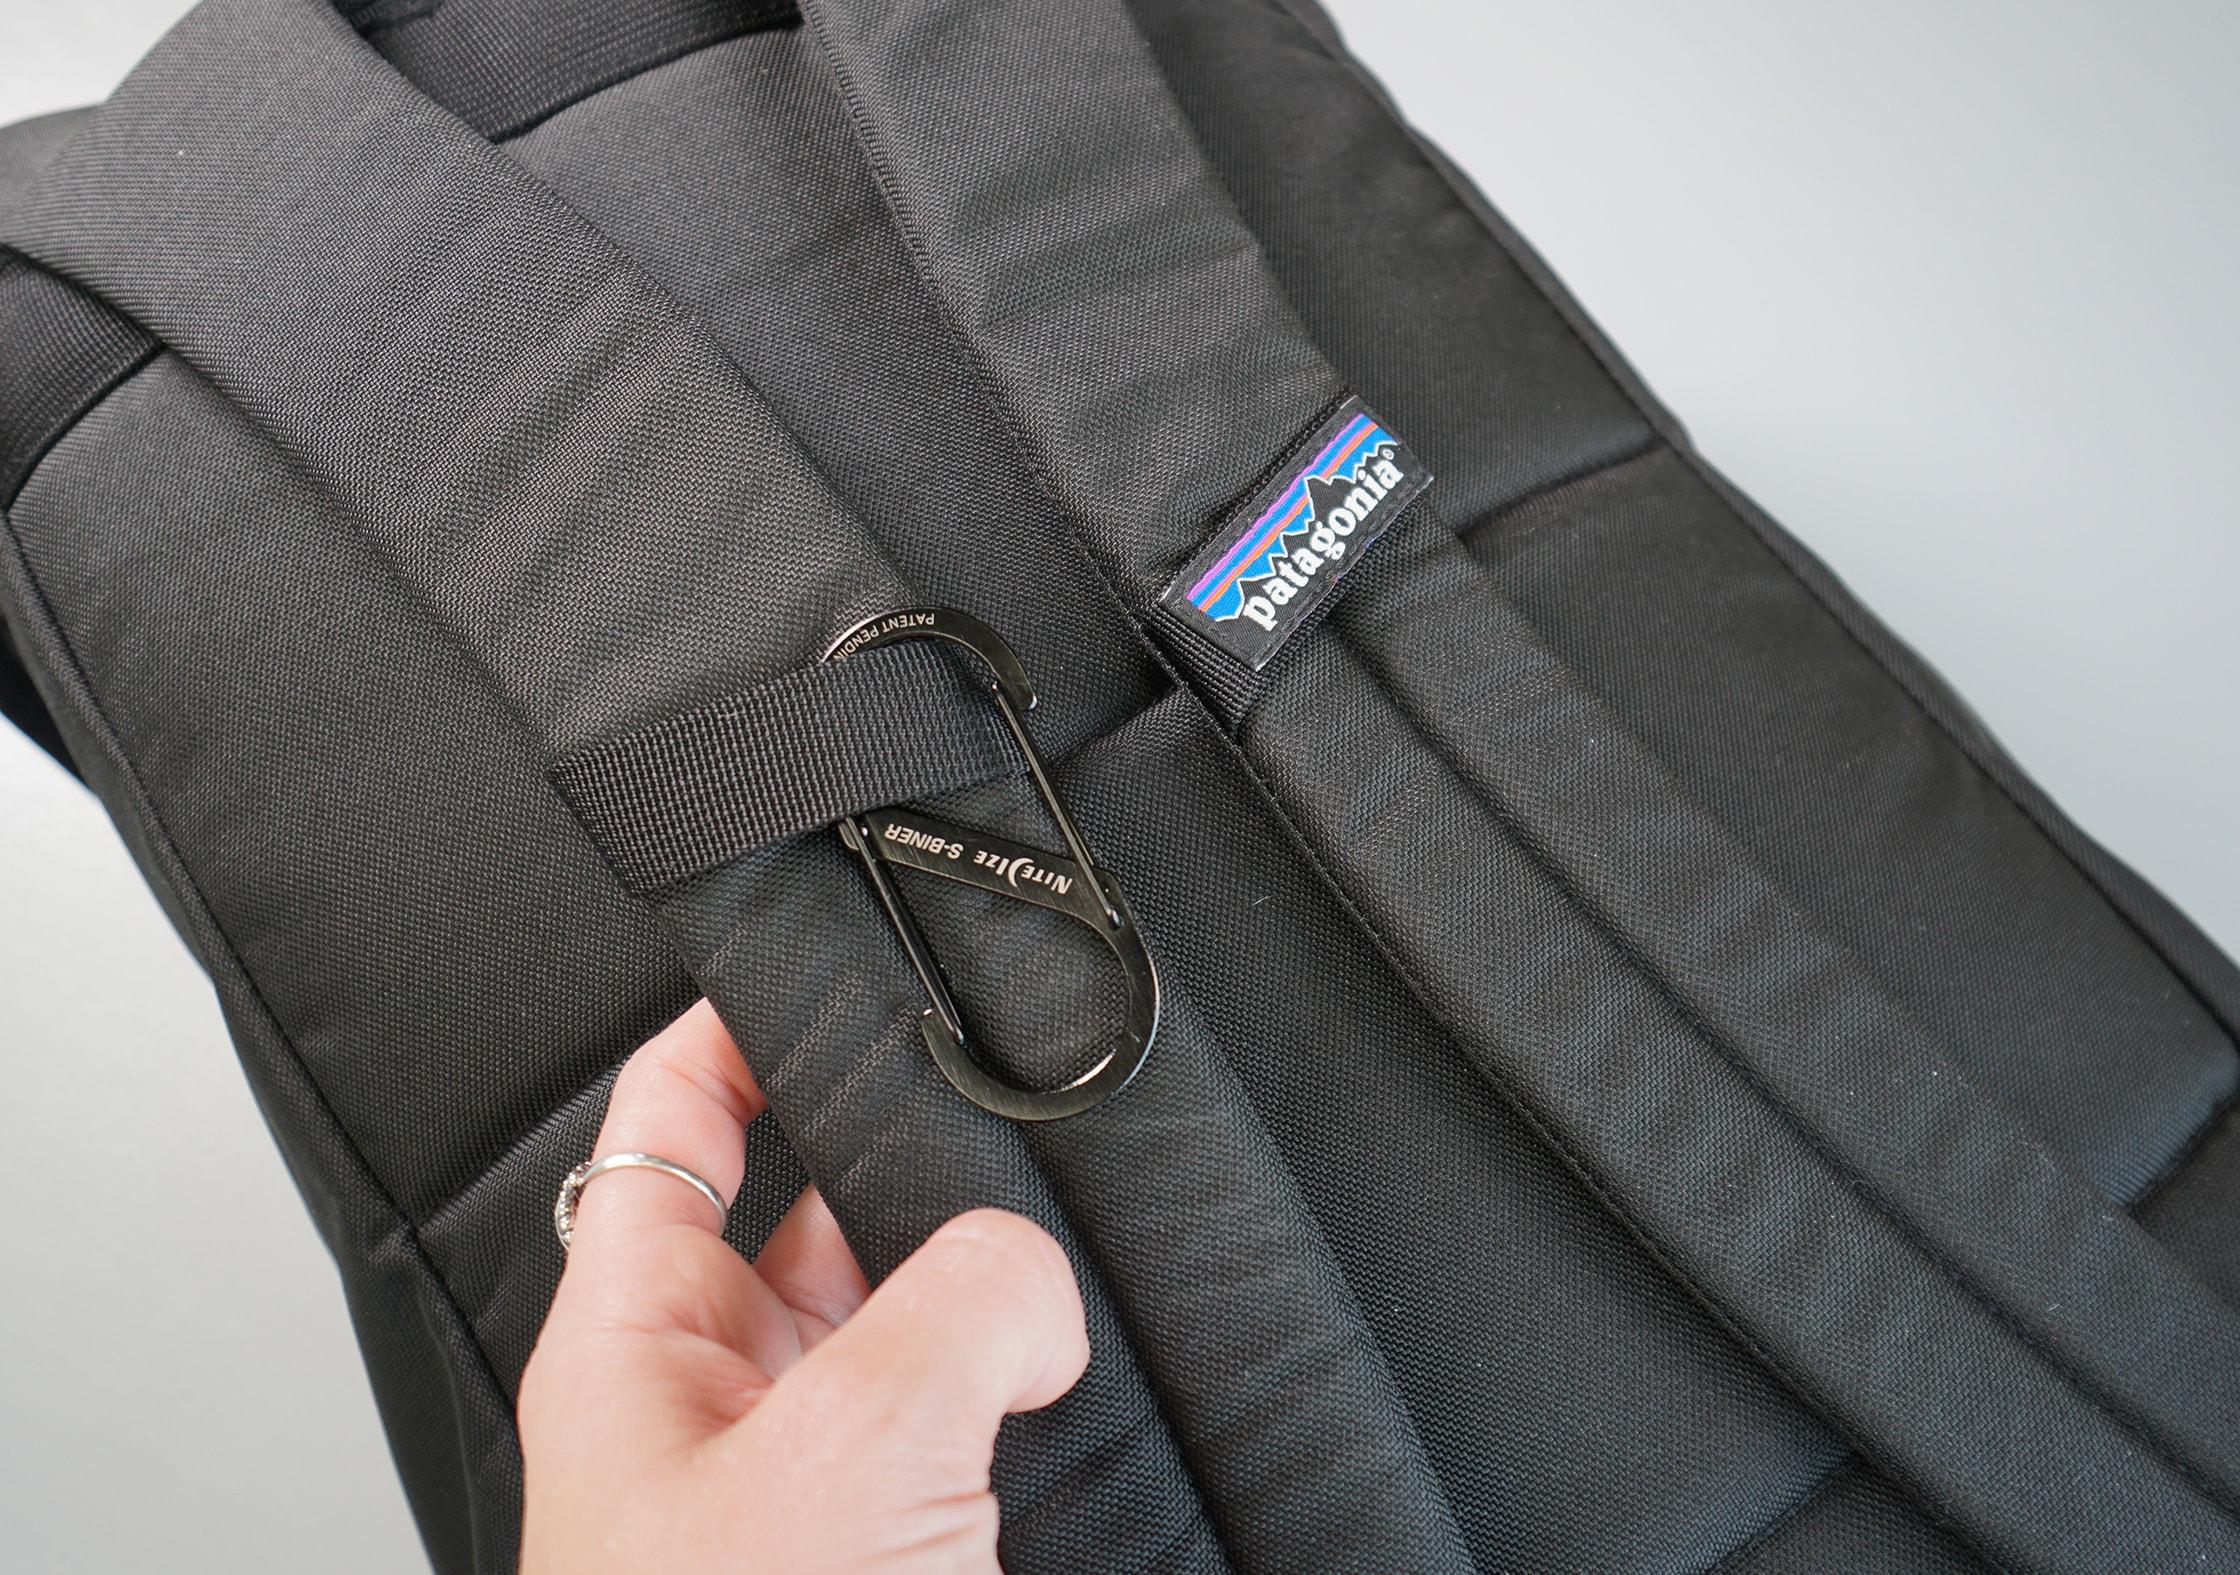 Patagonia Arbor Classic Pack Shoulder Straps